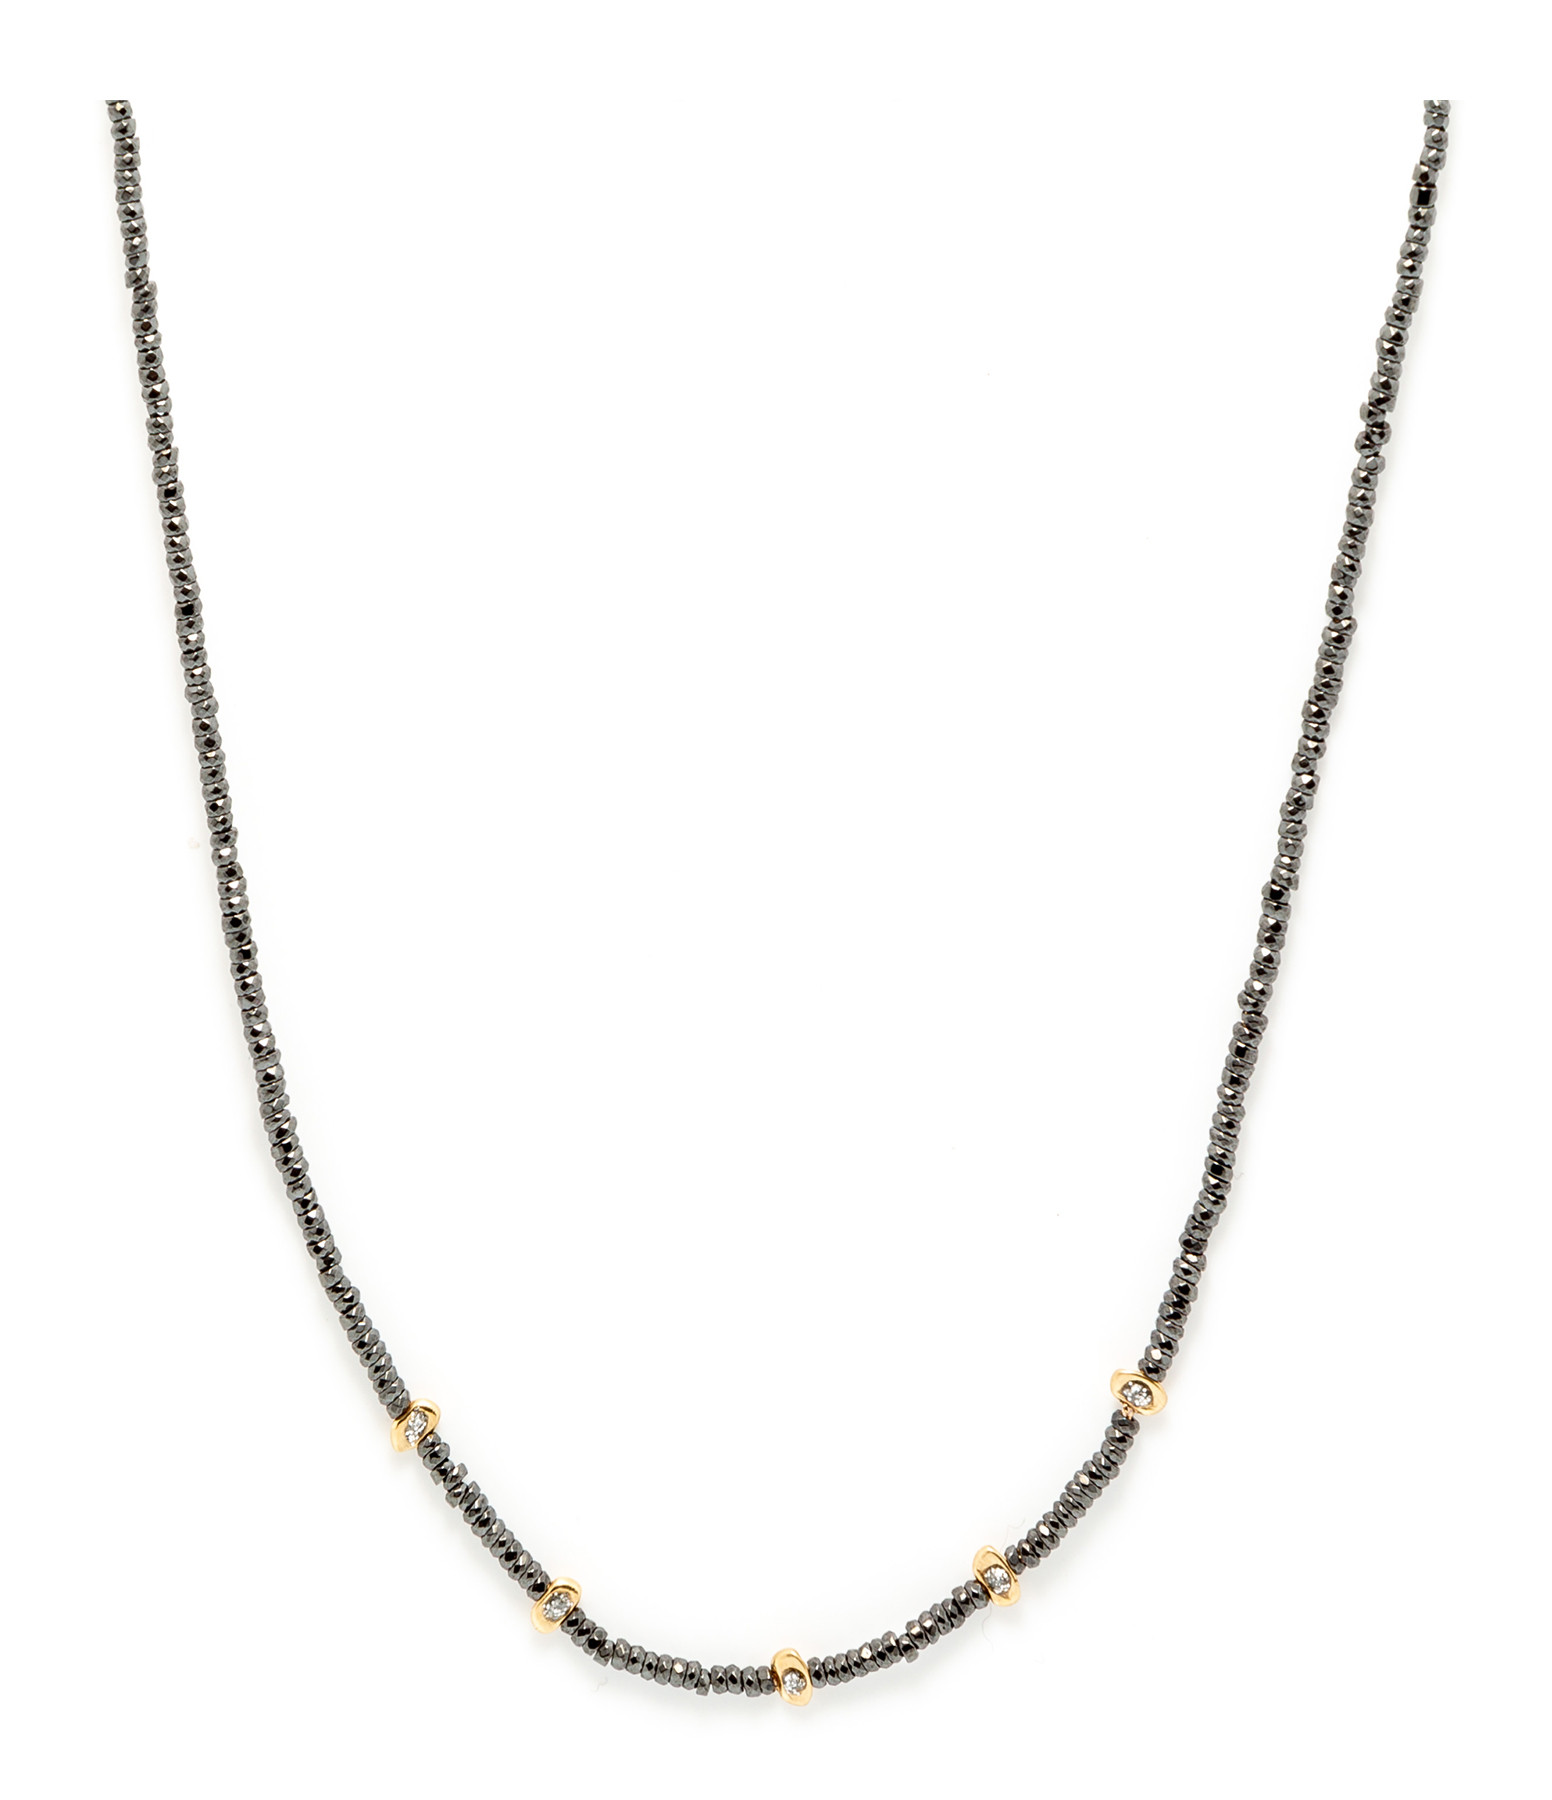 LSONGE - Collier Sublime 5 Perles Or Hématite Noir